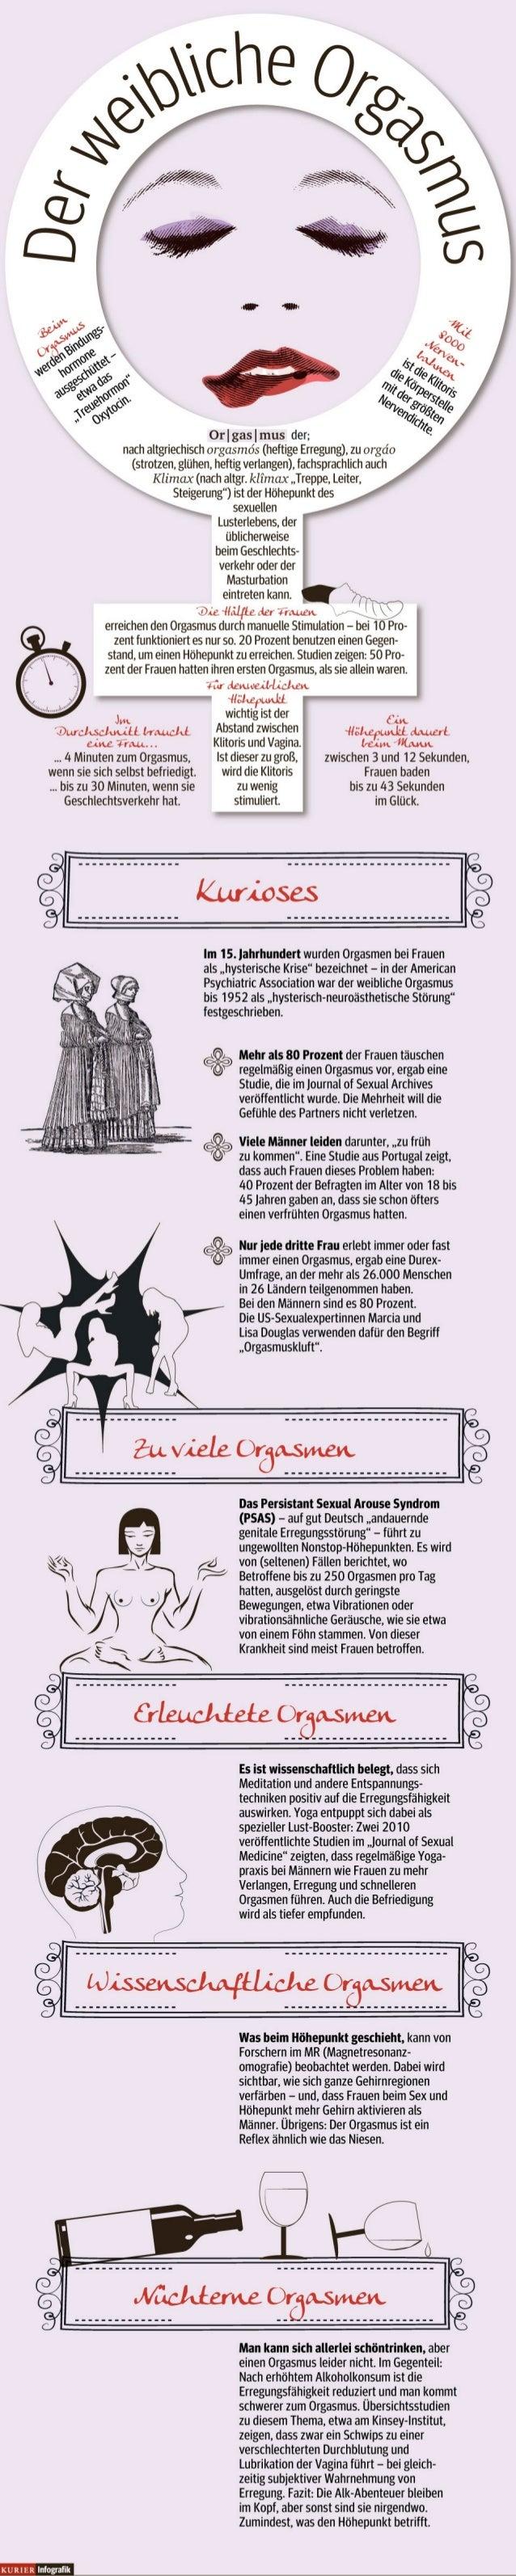 Der weibliche Orgasmus - Infografik